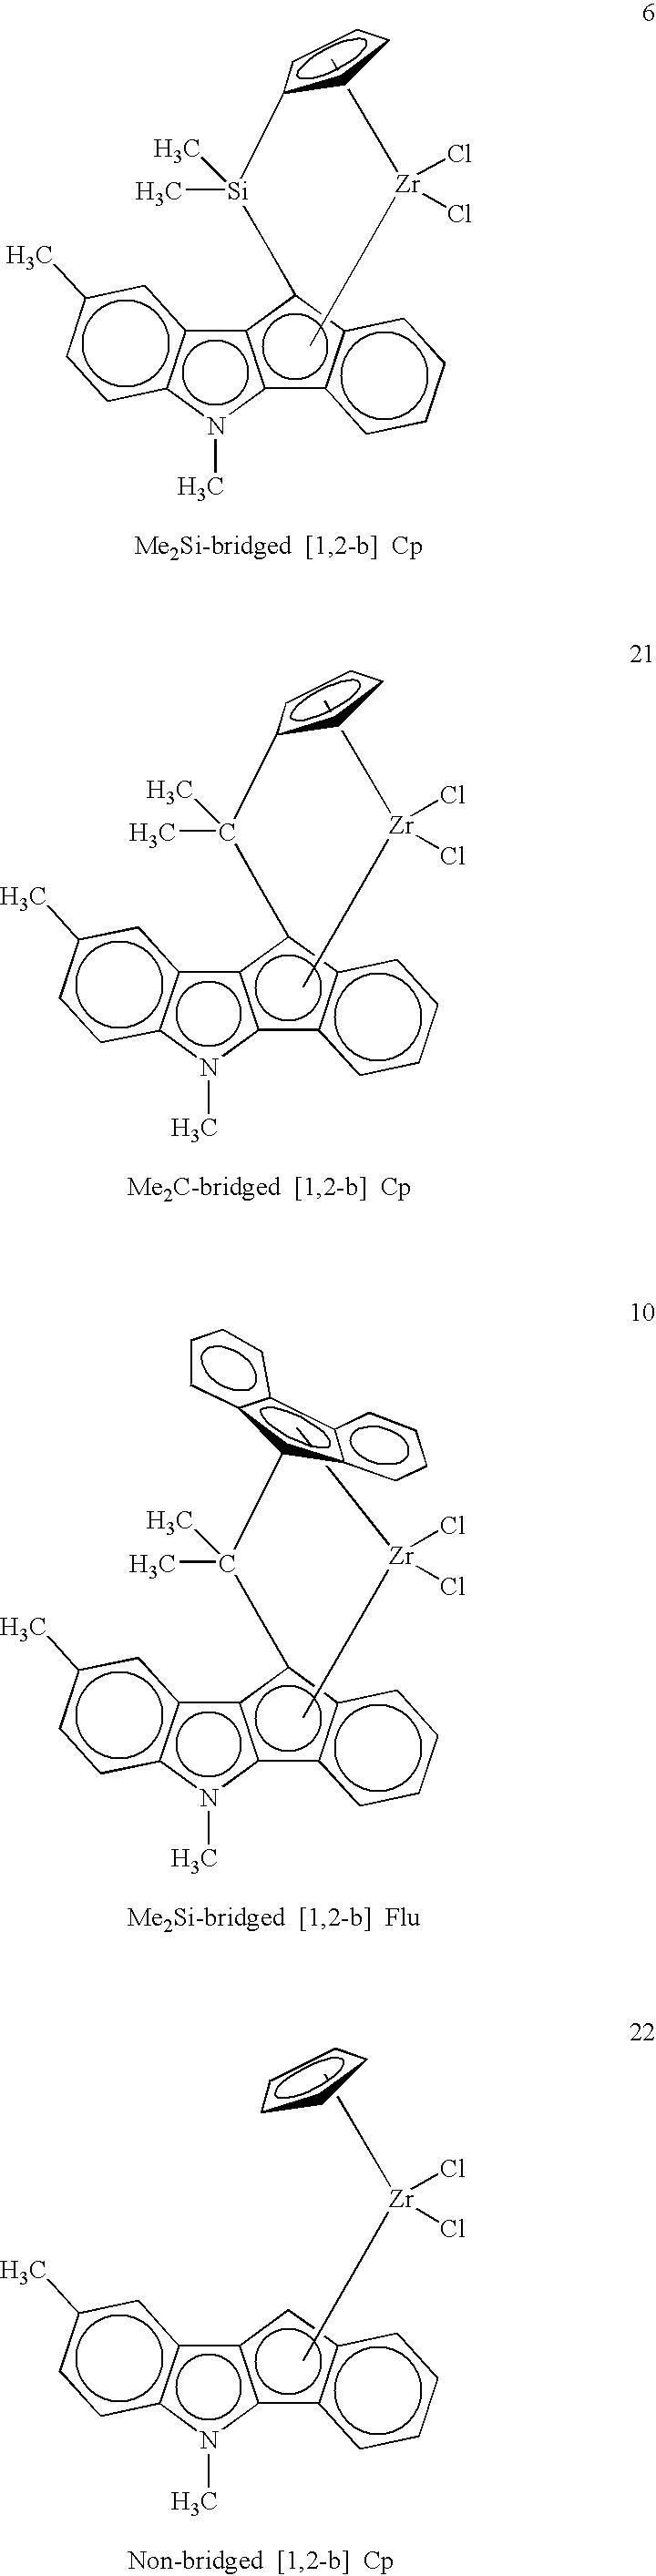 Figure US20030195306A1-20031016-C00005